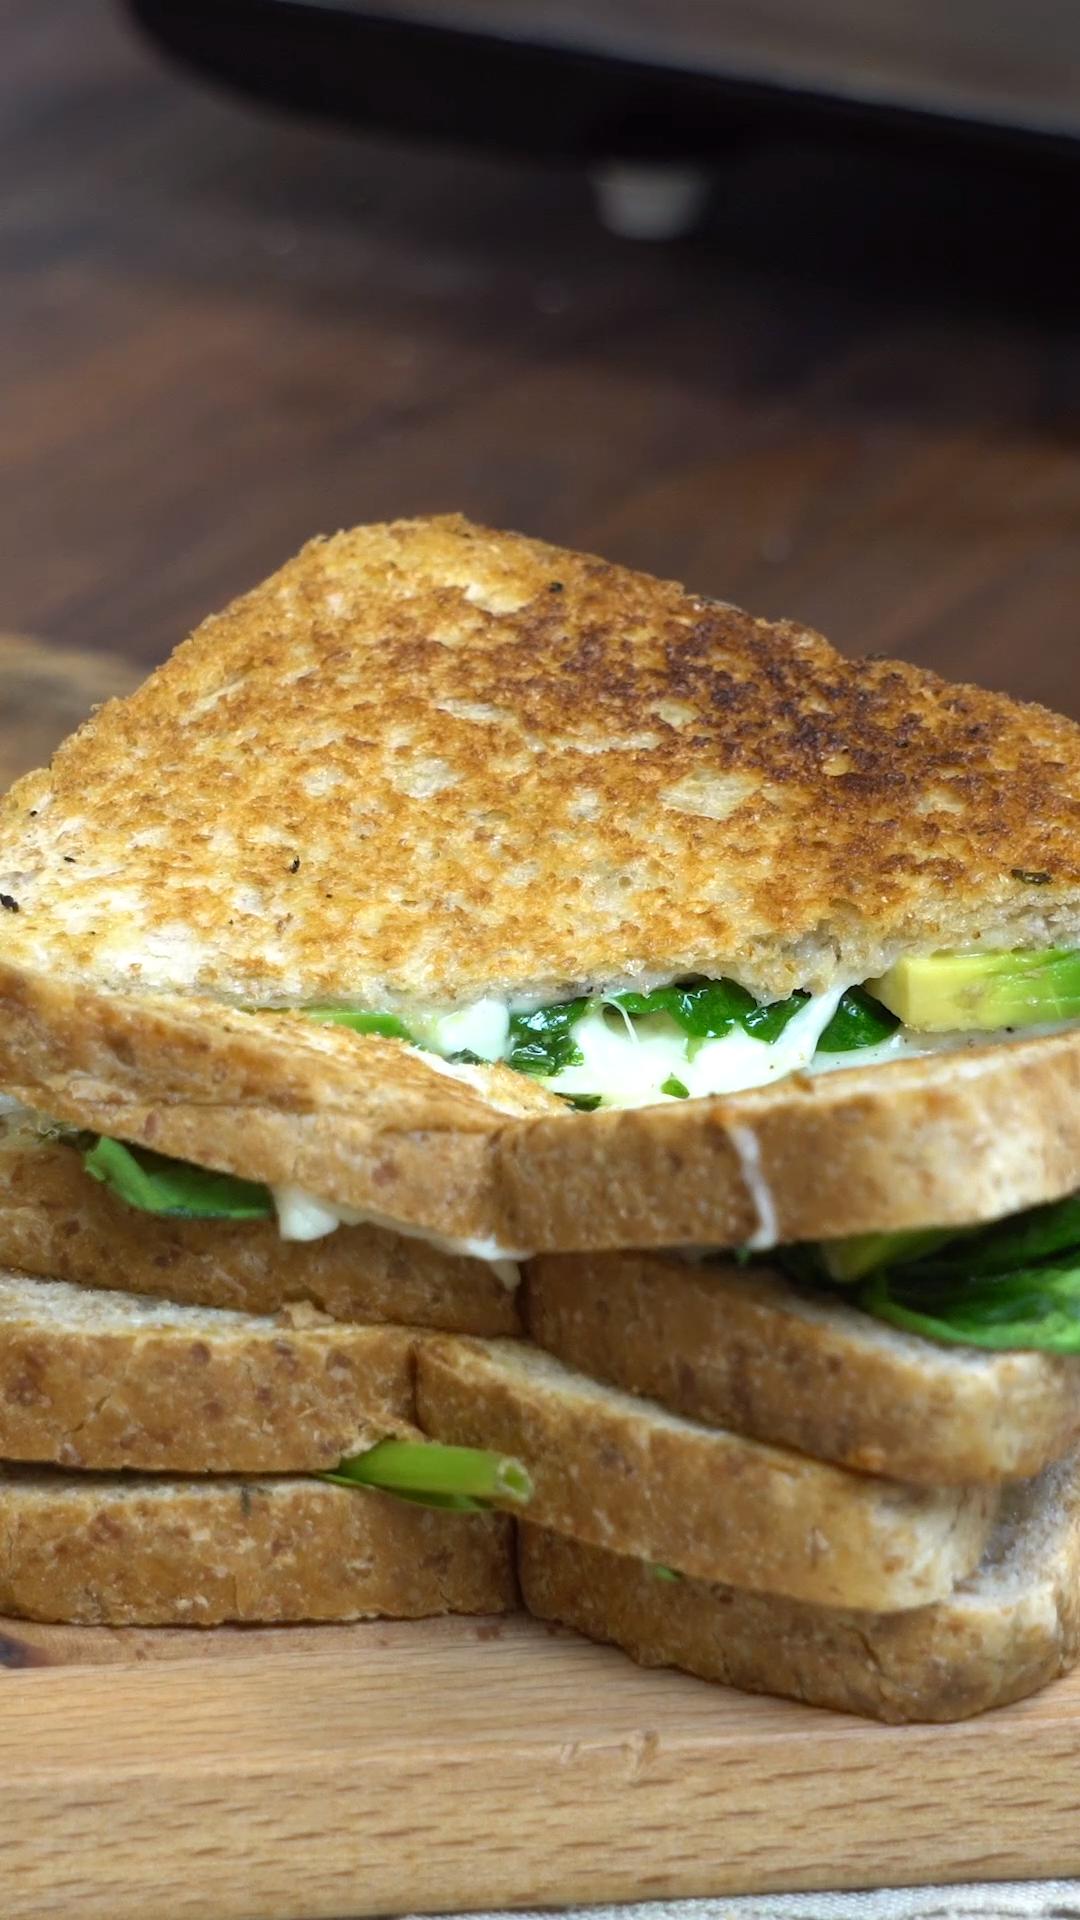 Dieses leckere Sandwich musst du unbedingt probieren Grilled Cheese Sandwich mit Avocado und Baby-